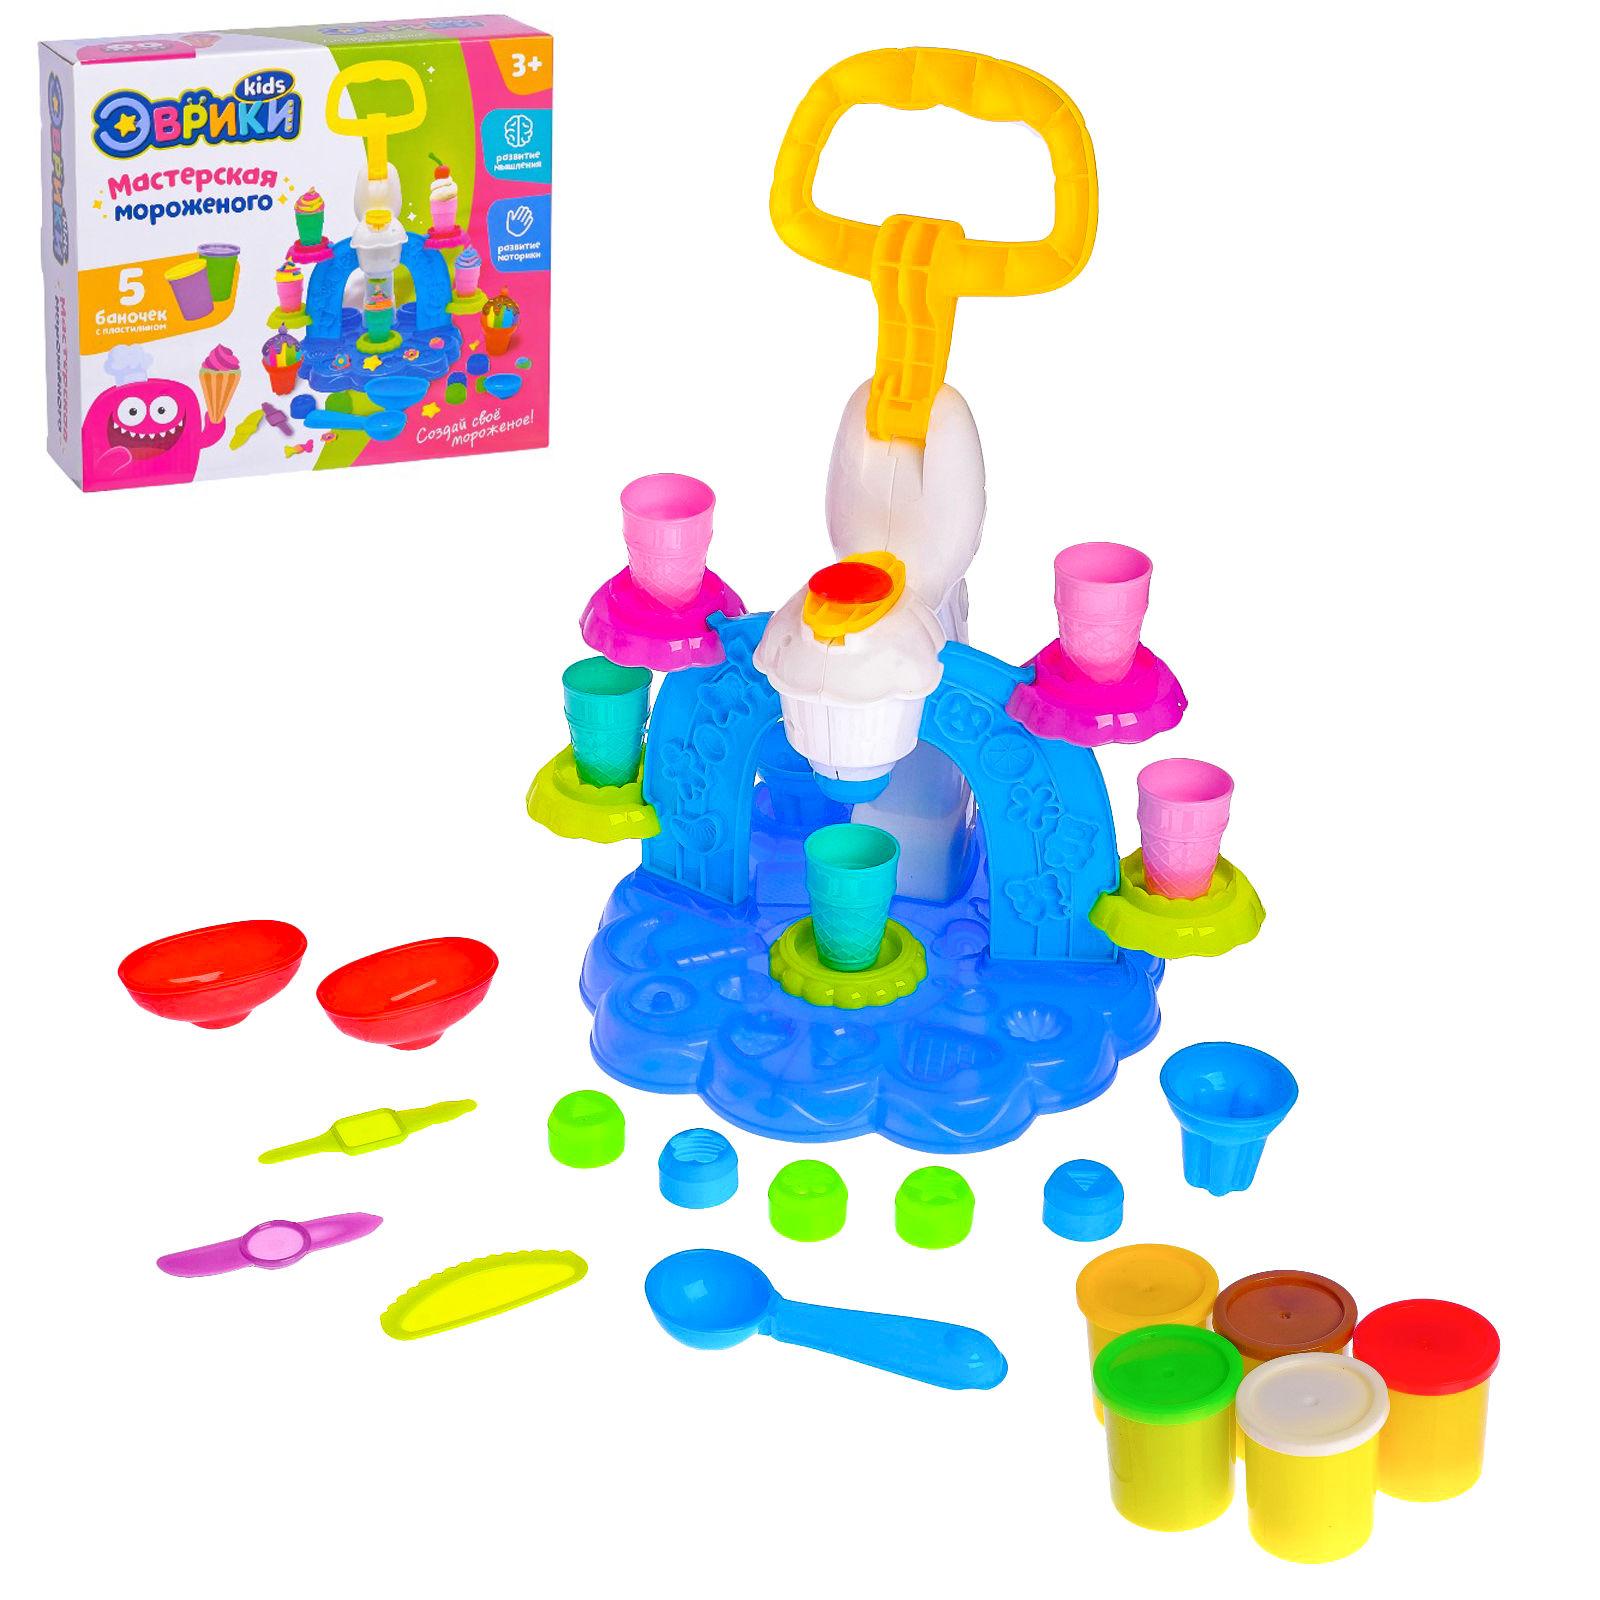 Набор для игры с пластилином «Мастерская мороженого»